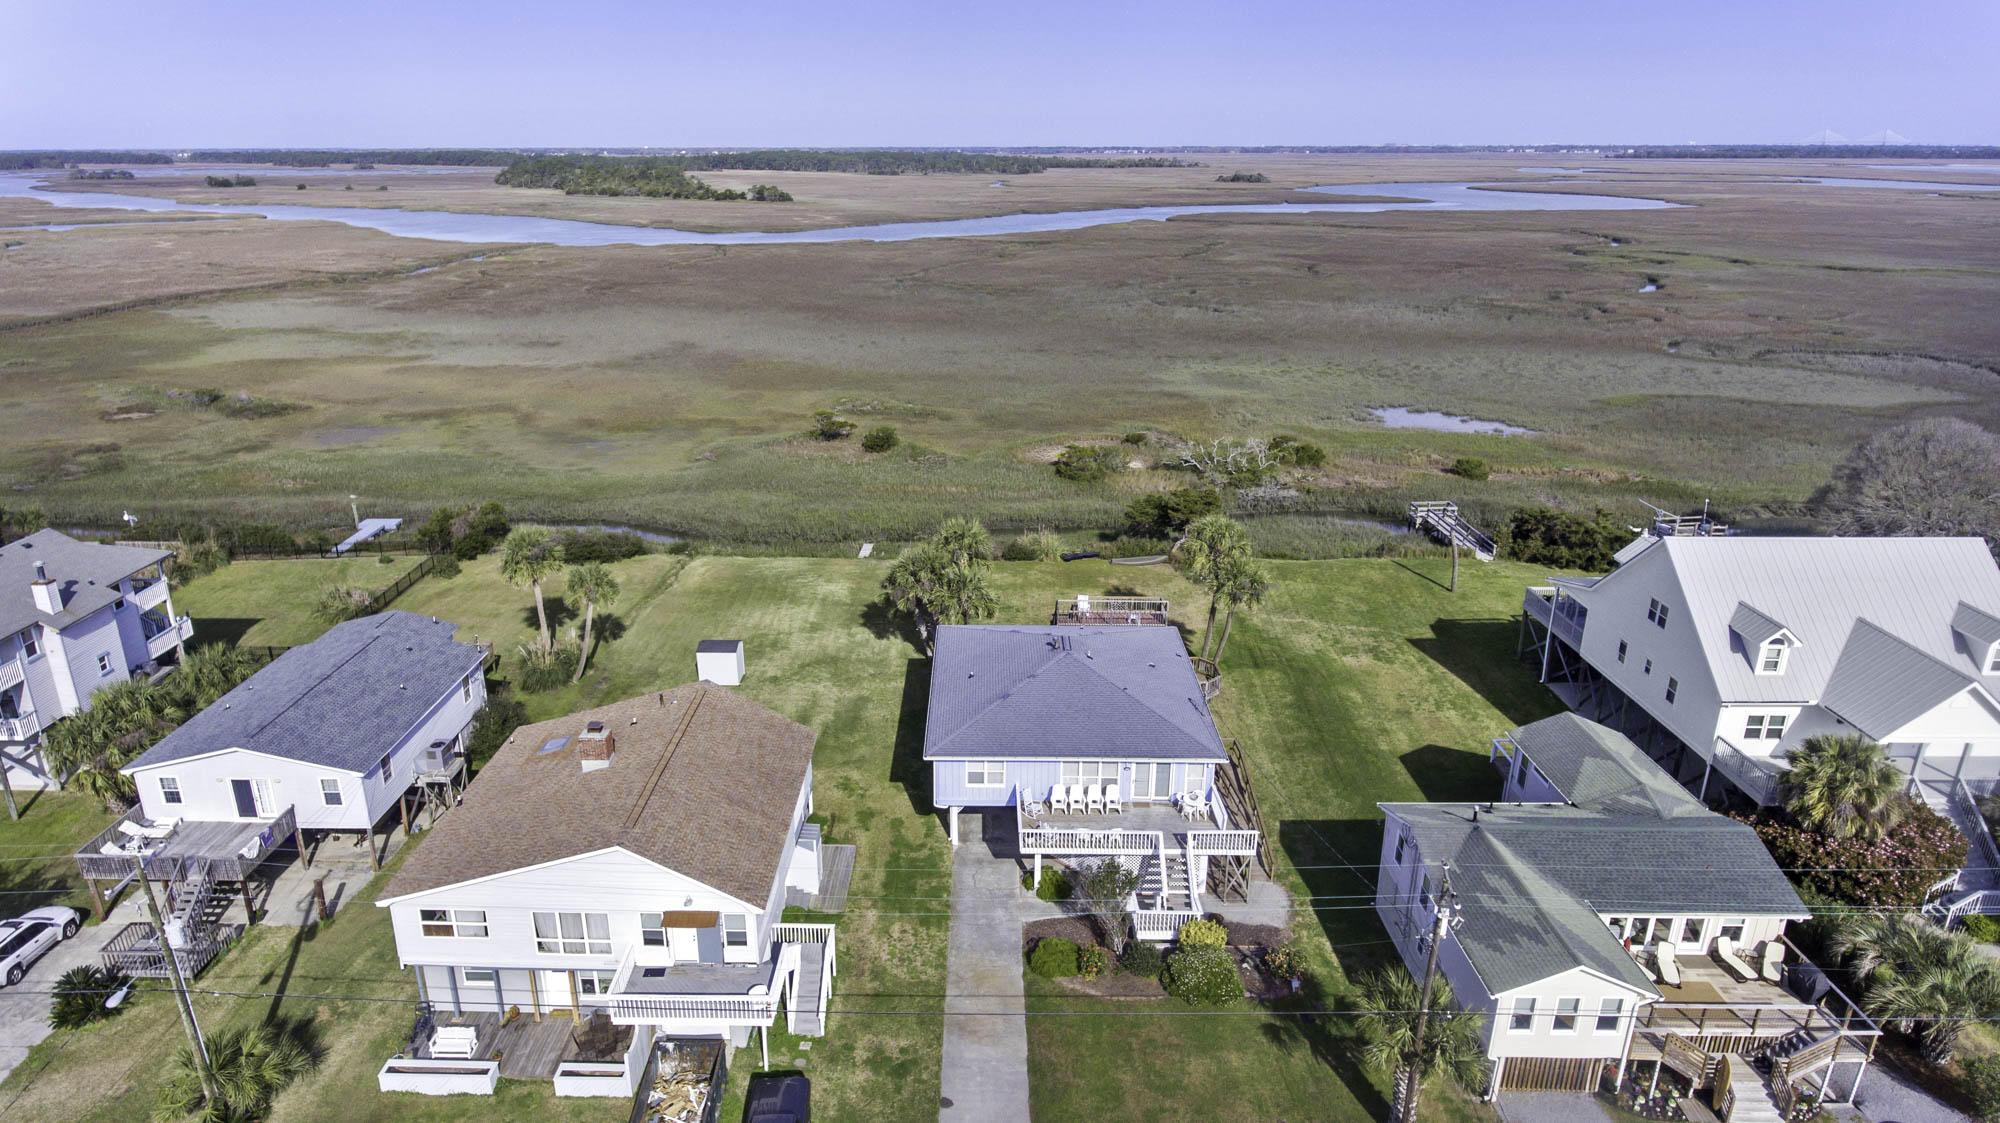 E Folly Bch Shores Homes For Sale - 1662 Ashley, Folly Beach, SC - 29